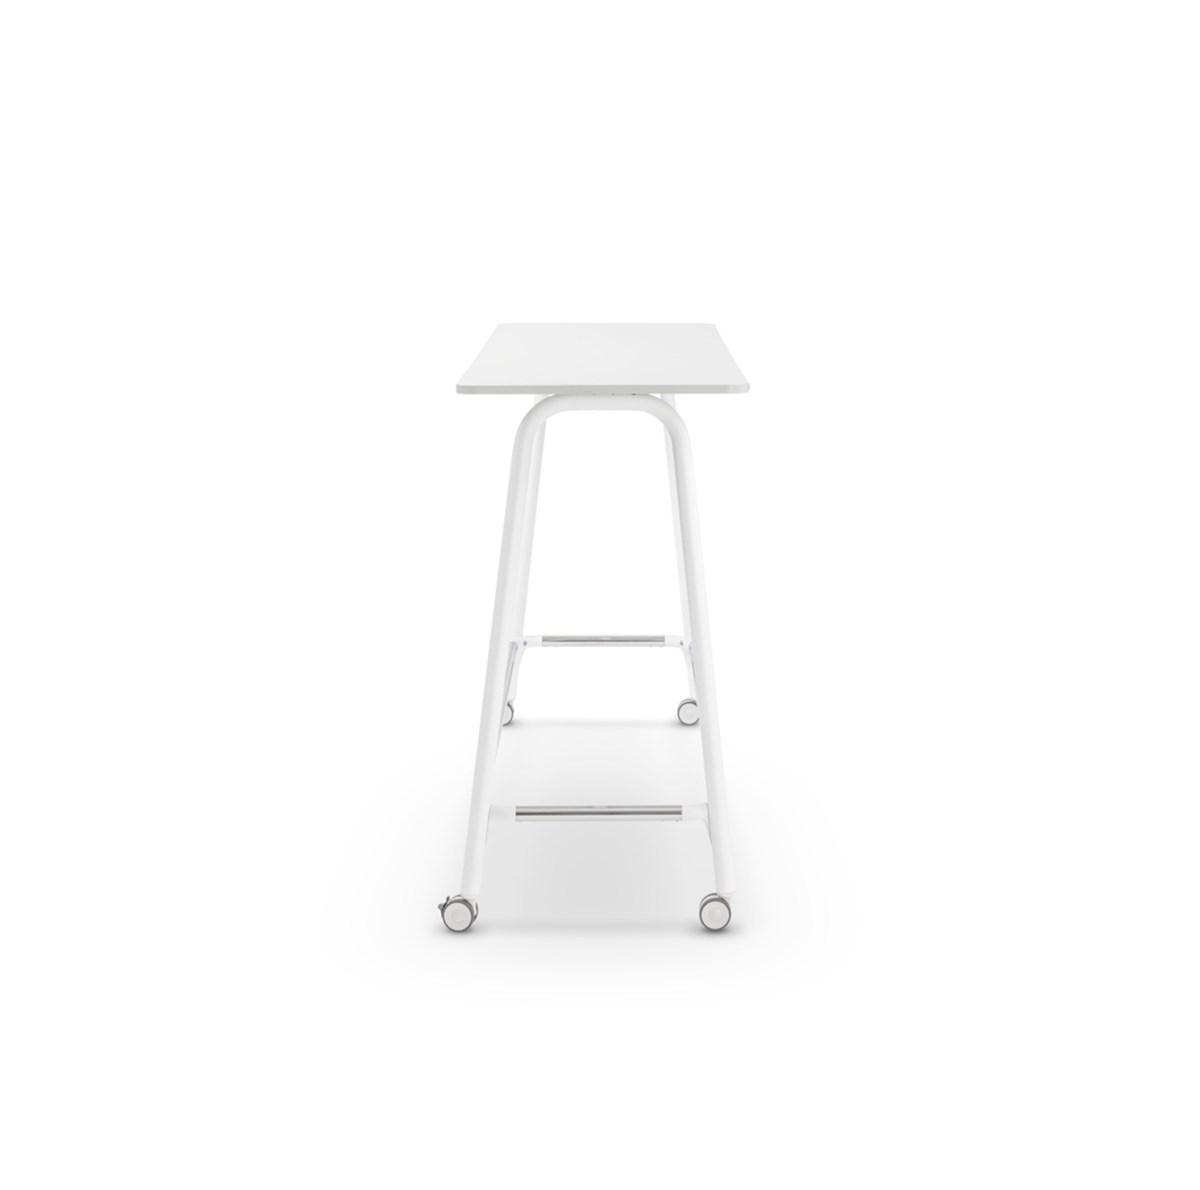 Sedus-Selab-High-Desk-Matisse-2